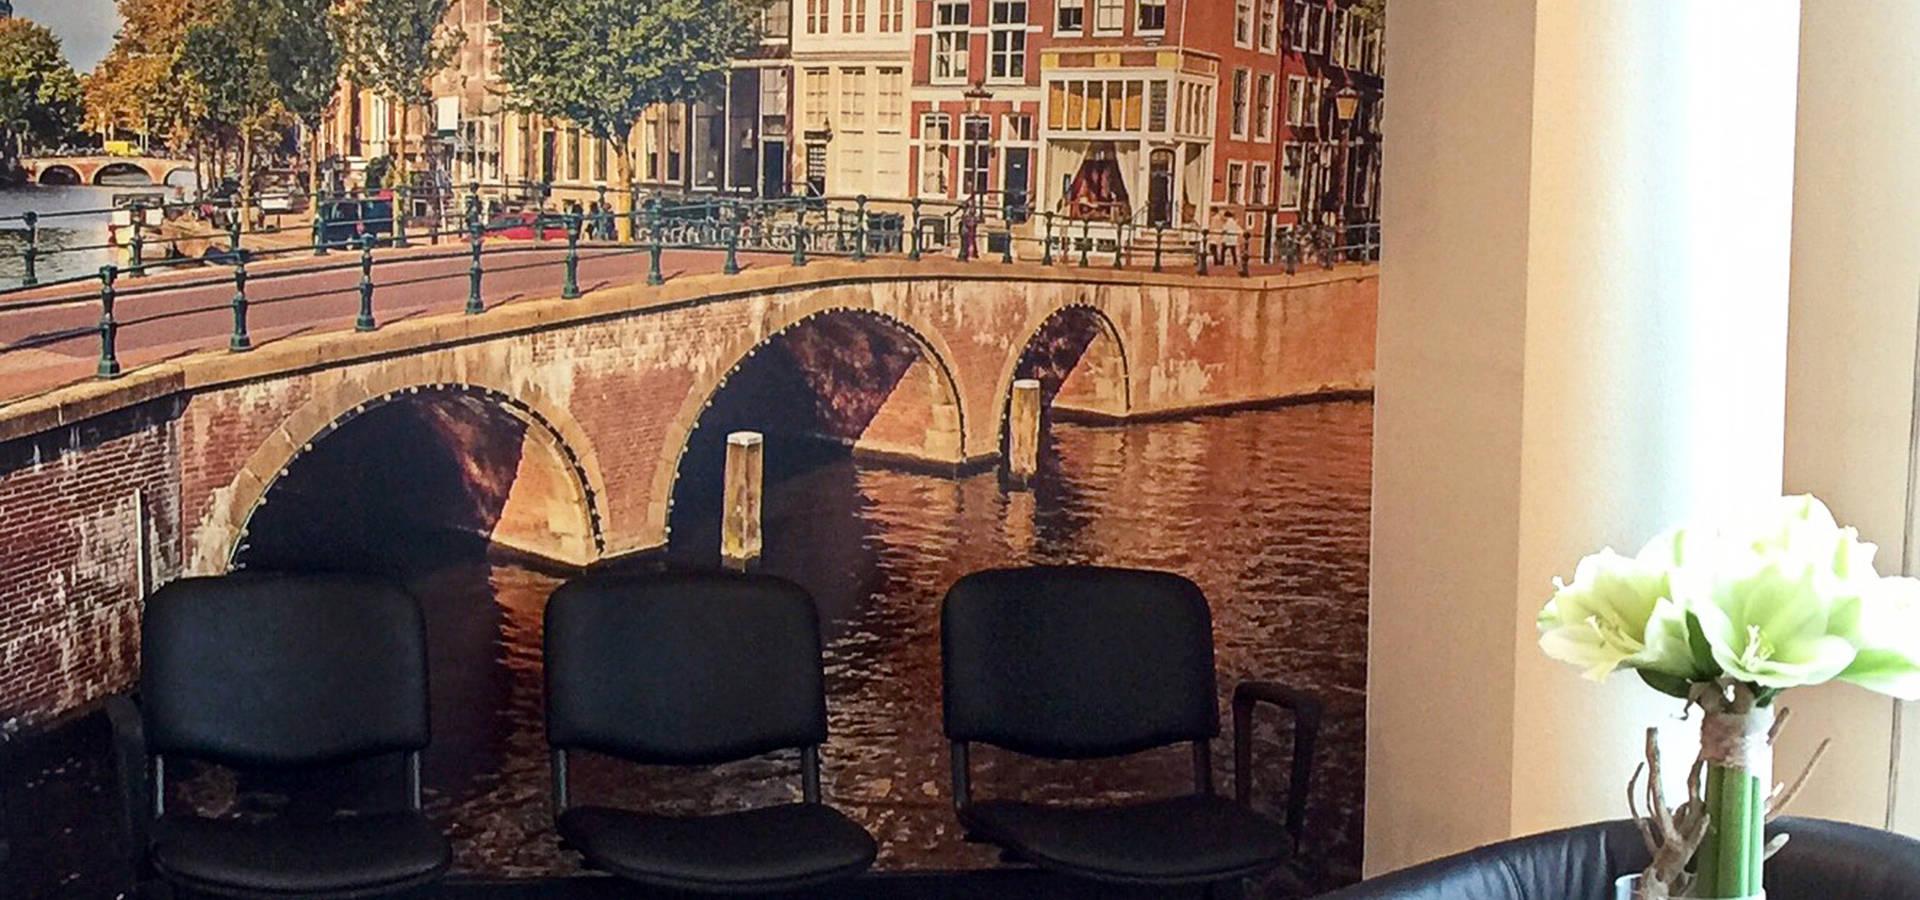 kleurmijninterieur.nl: Verf & muurbedekking in Eindhoven | homify